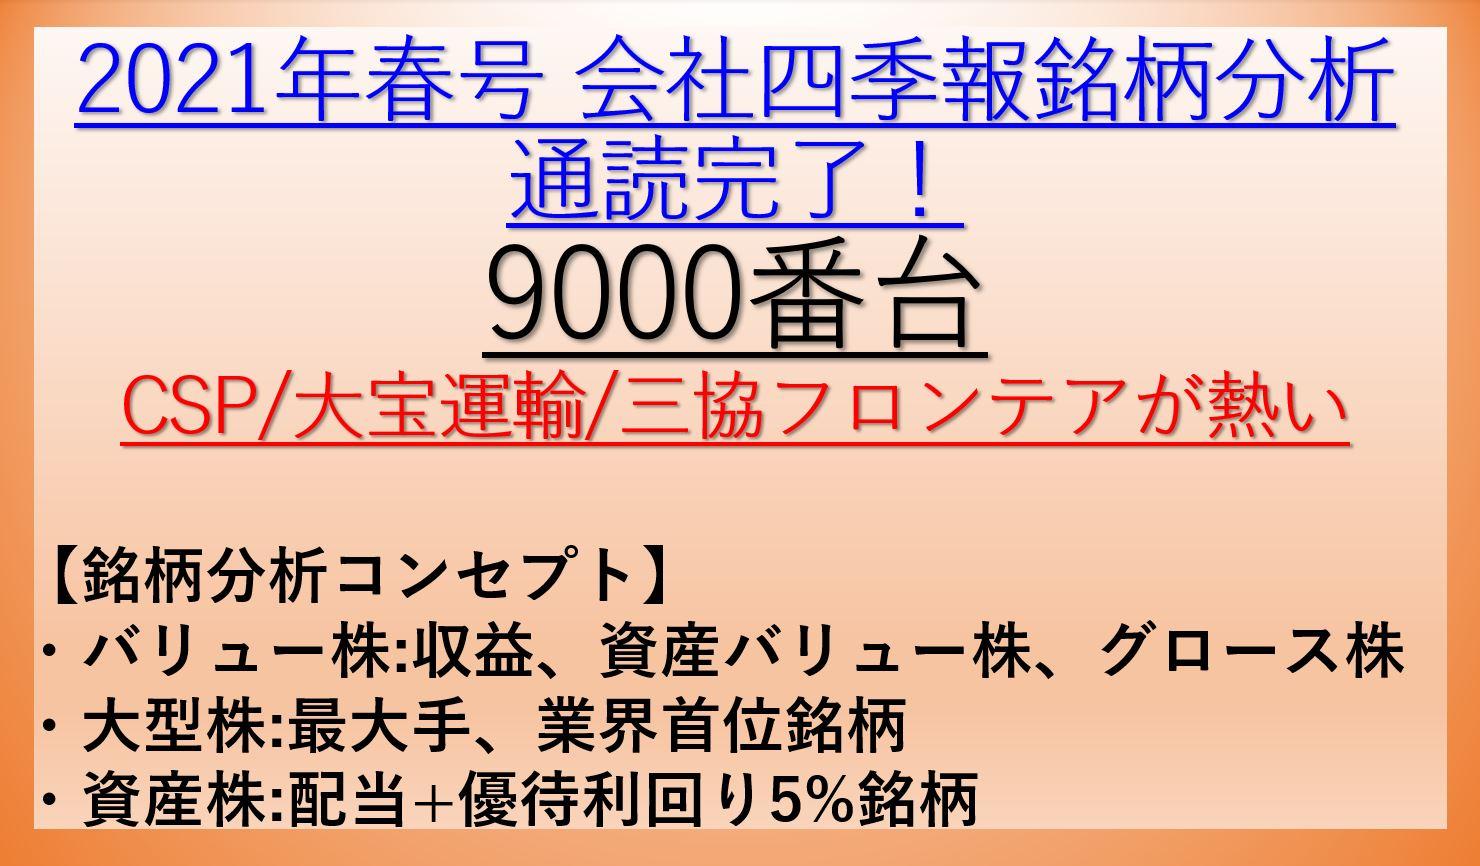 2021年春号-会社四季報銘柄分析-9000番台